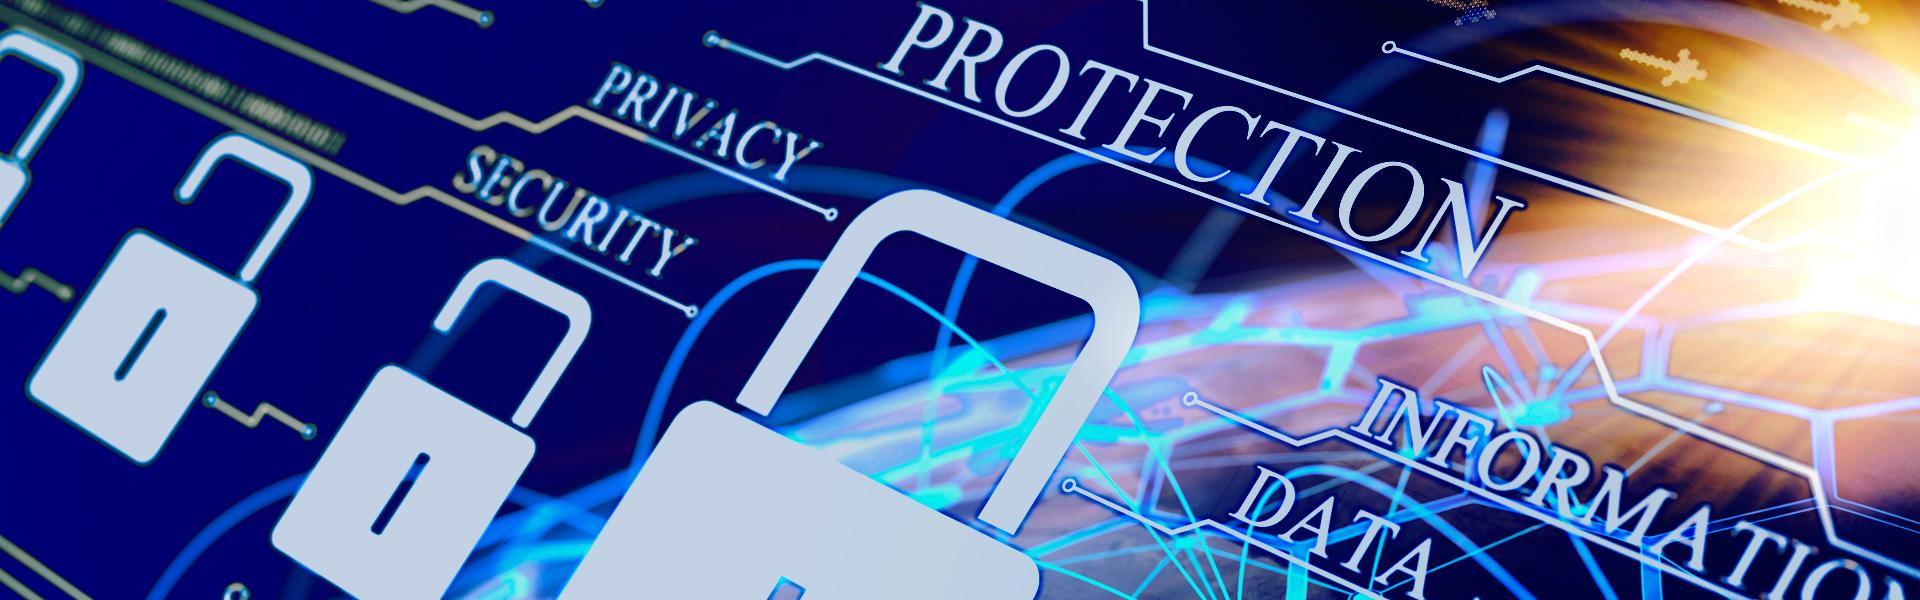 Sicurezza - Vela Sistemi s.r.l. | Vela Sistemi s.r.l.